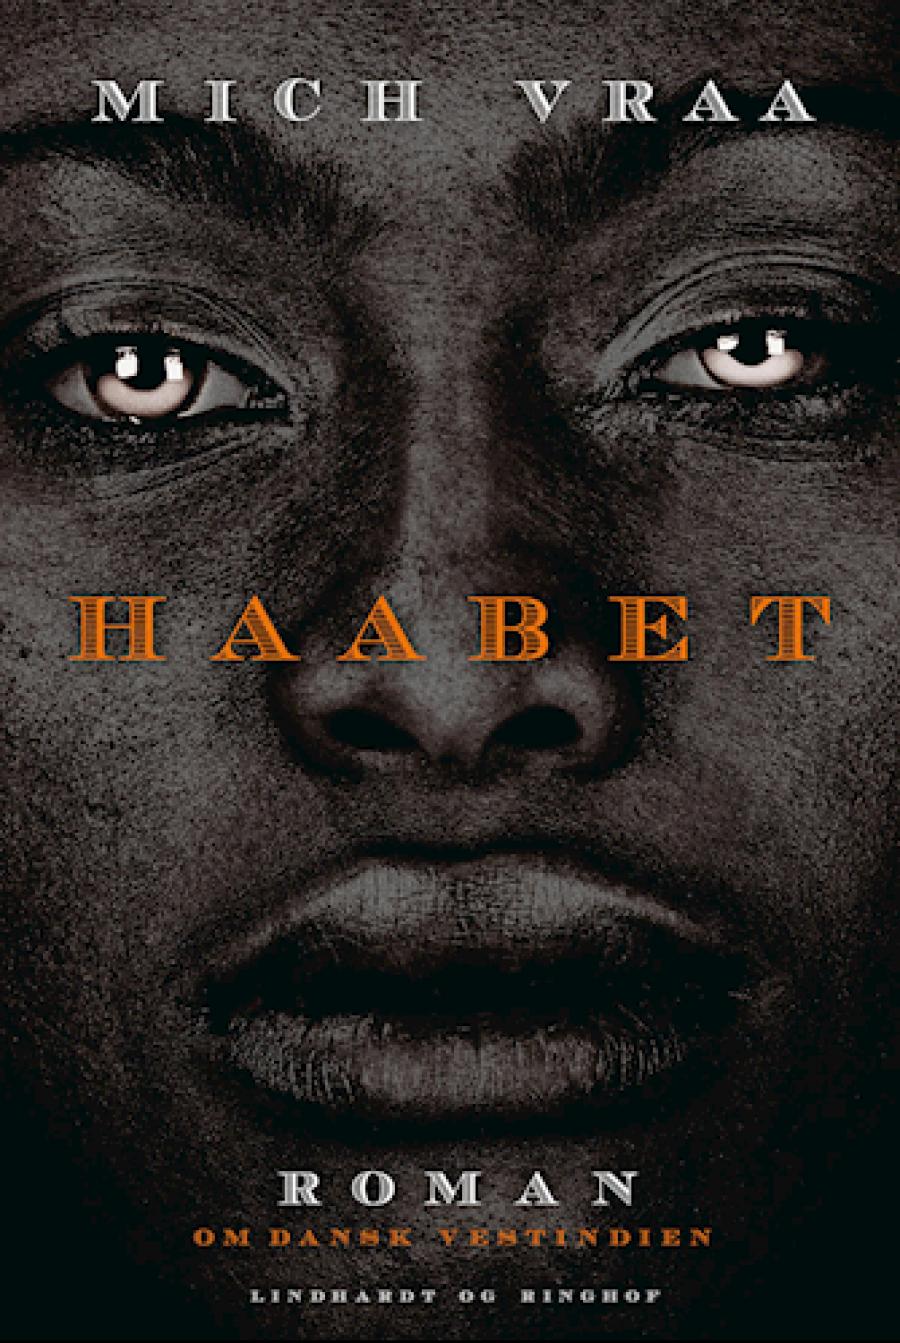 """Forside til romanen """"Haabet"""" af Mich Vraa"""